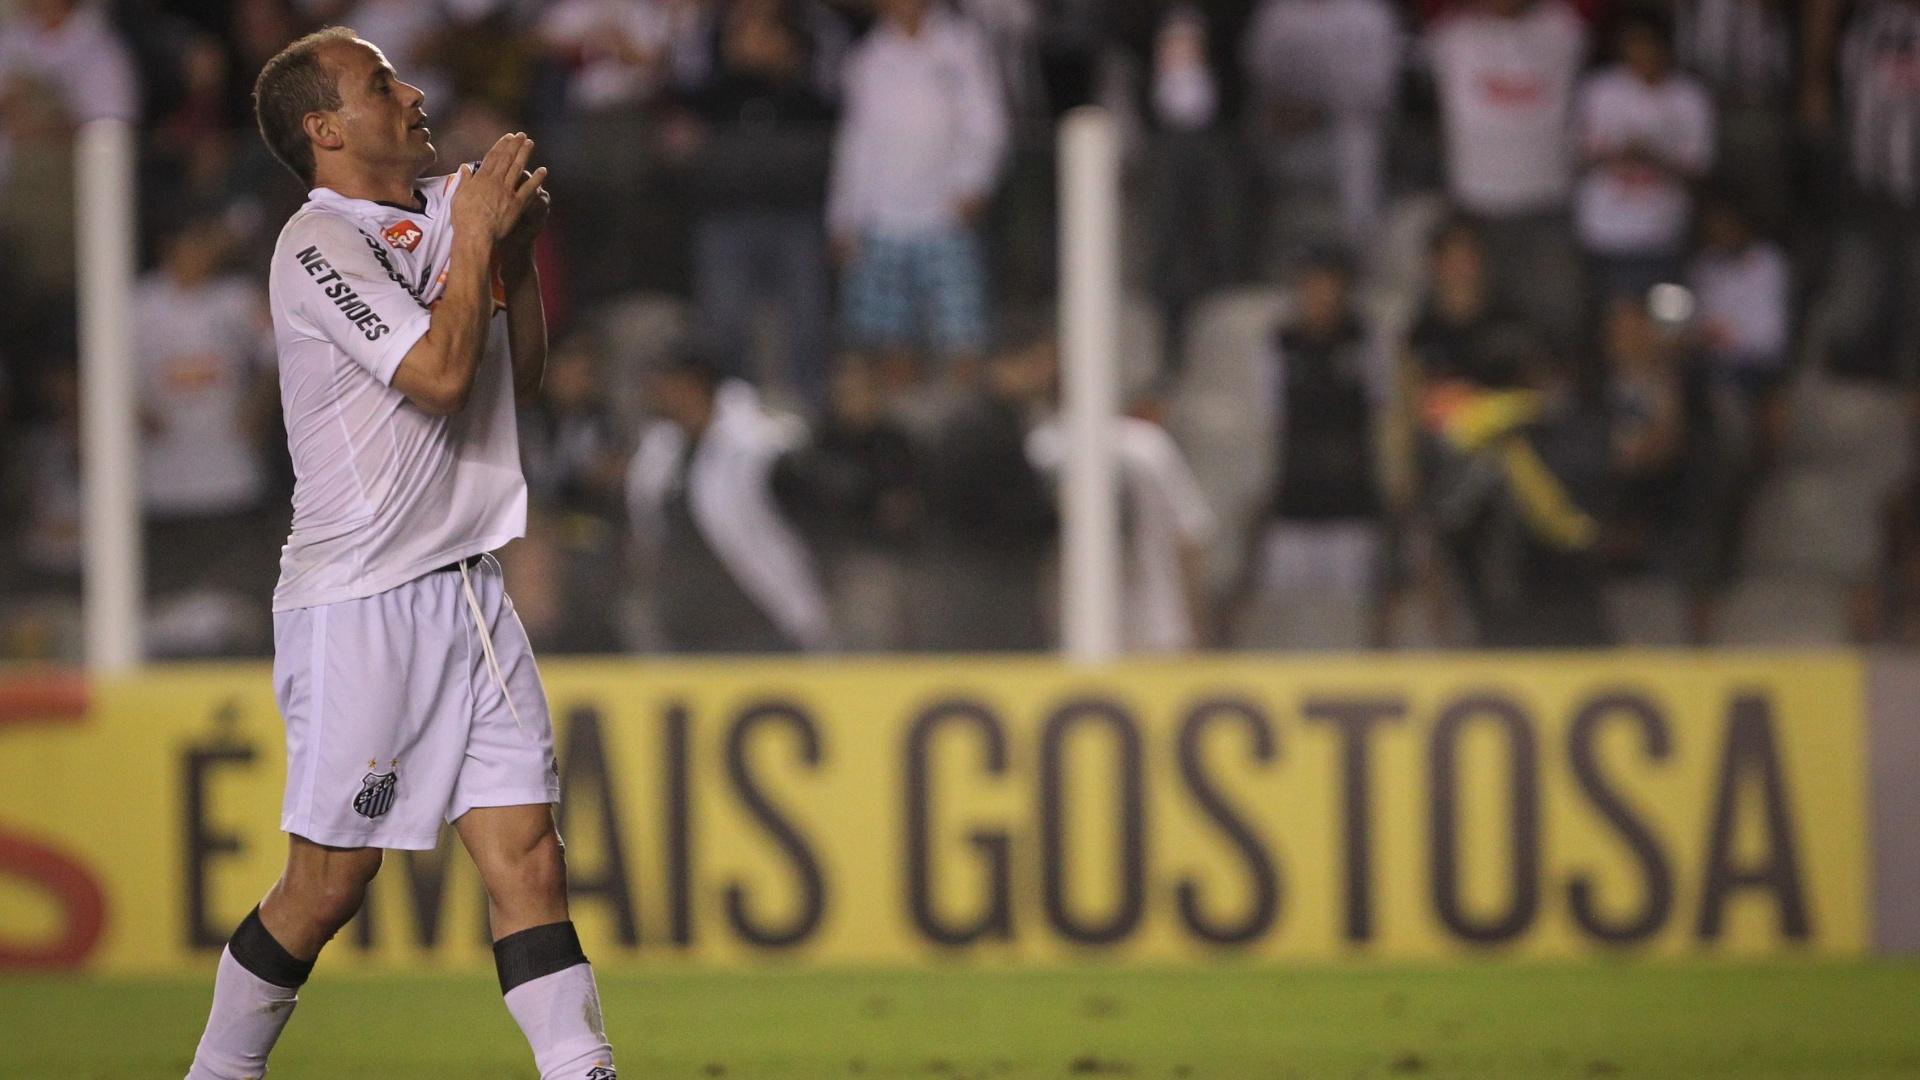 Léo chegou a marcar um gol, mas fez o pênalti que resultou no terceiro gol do Figueirense